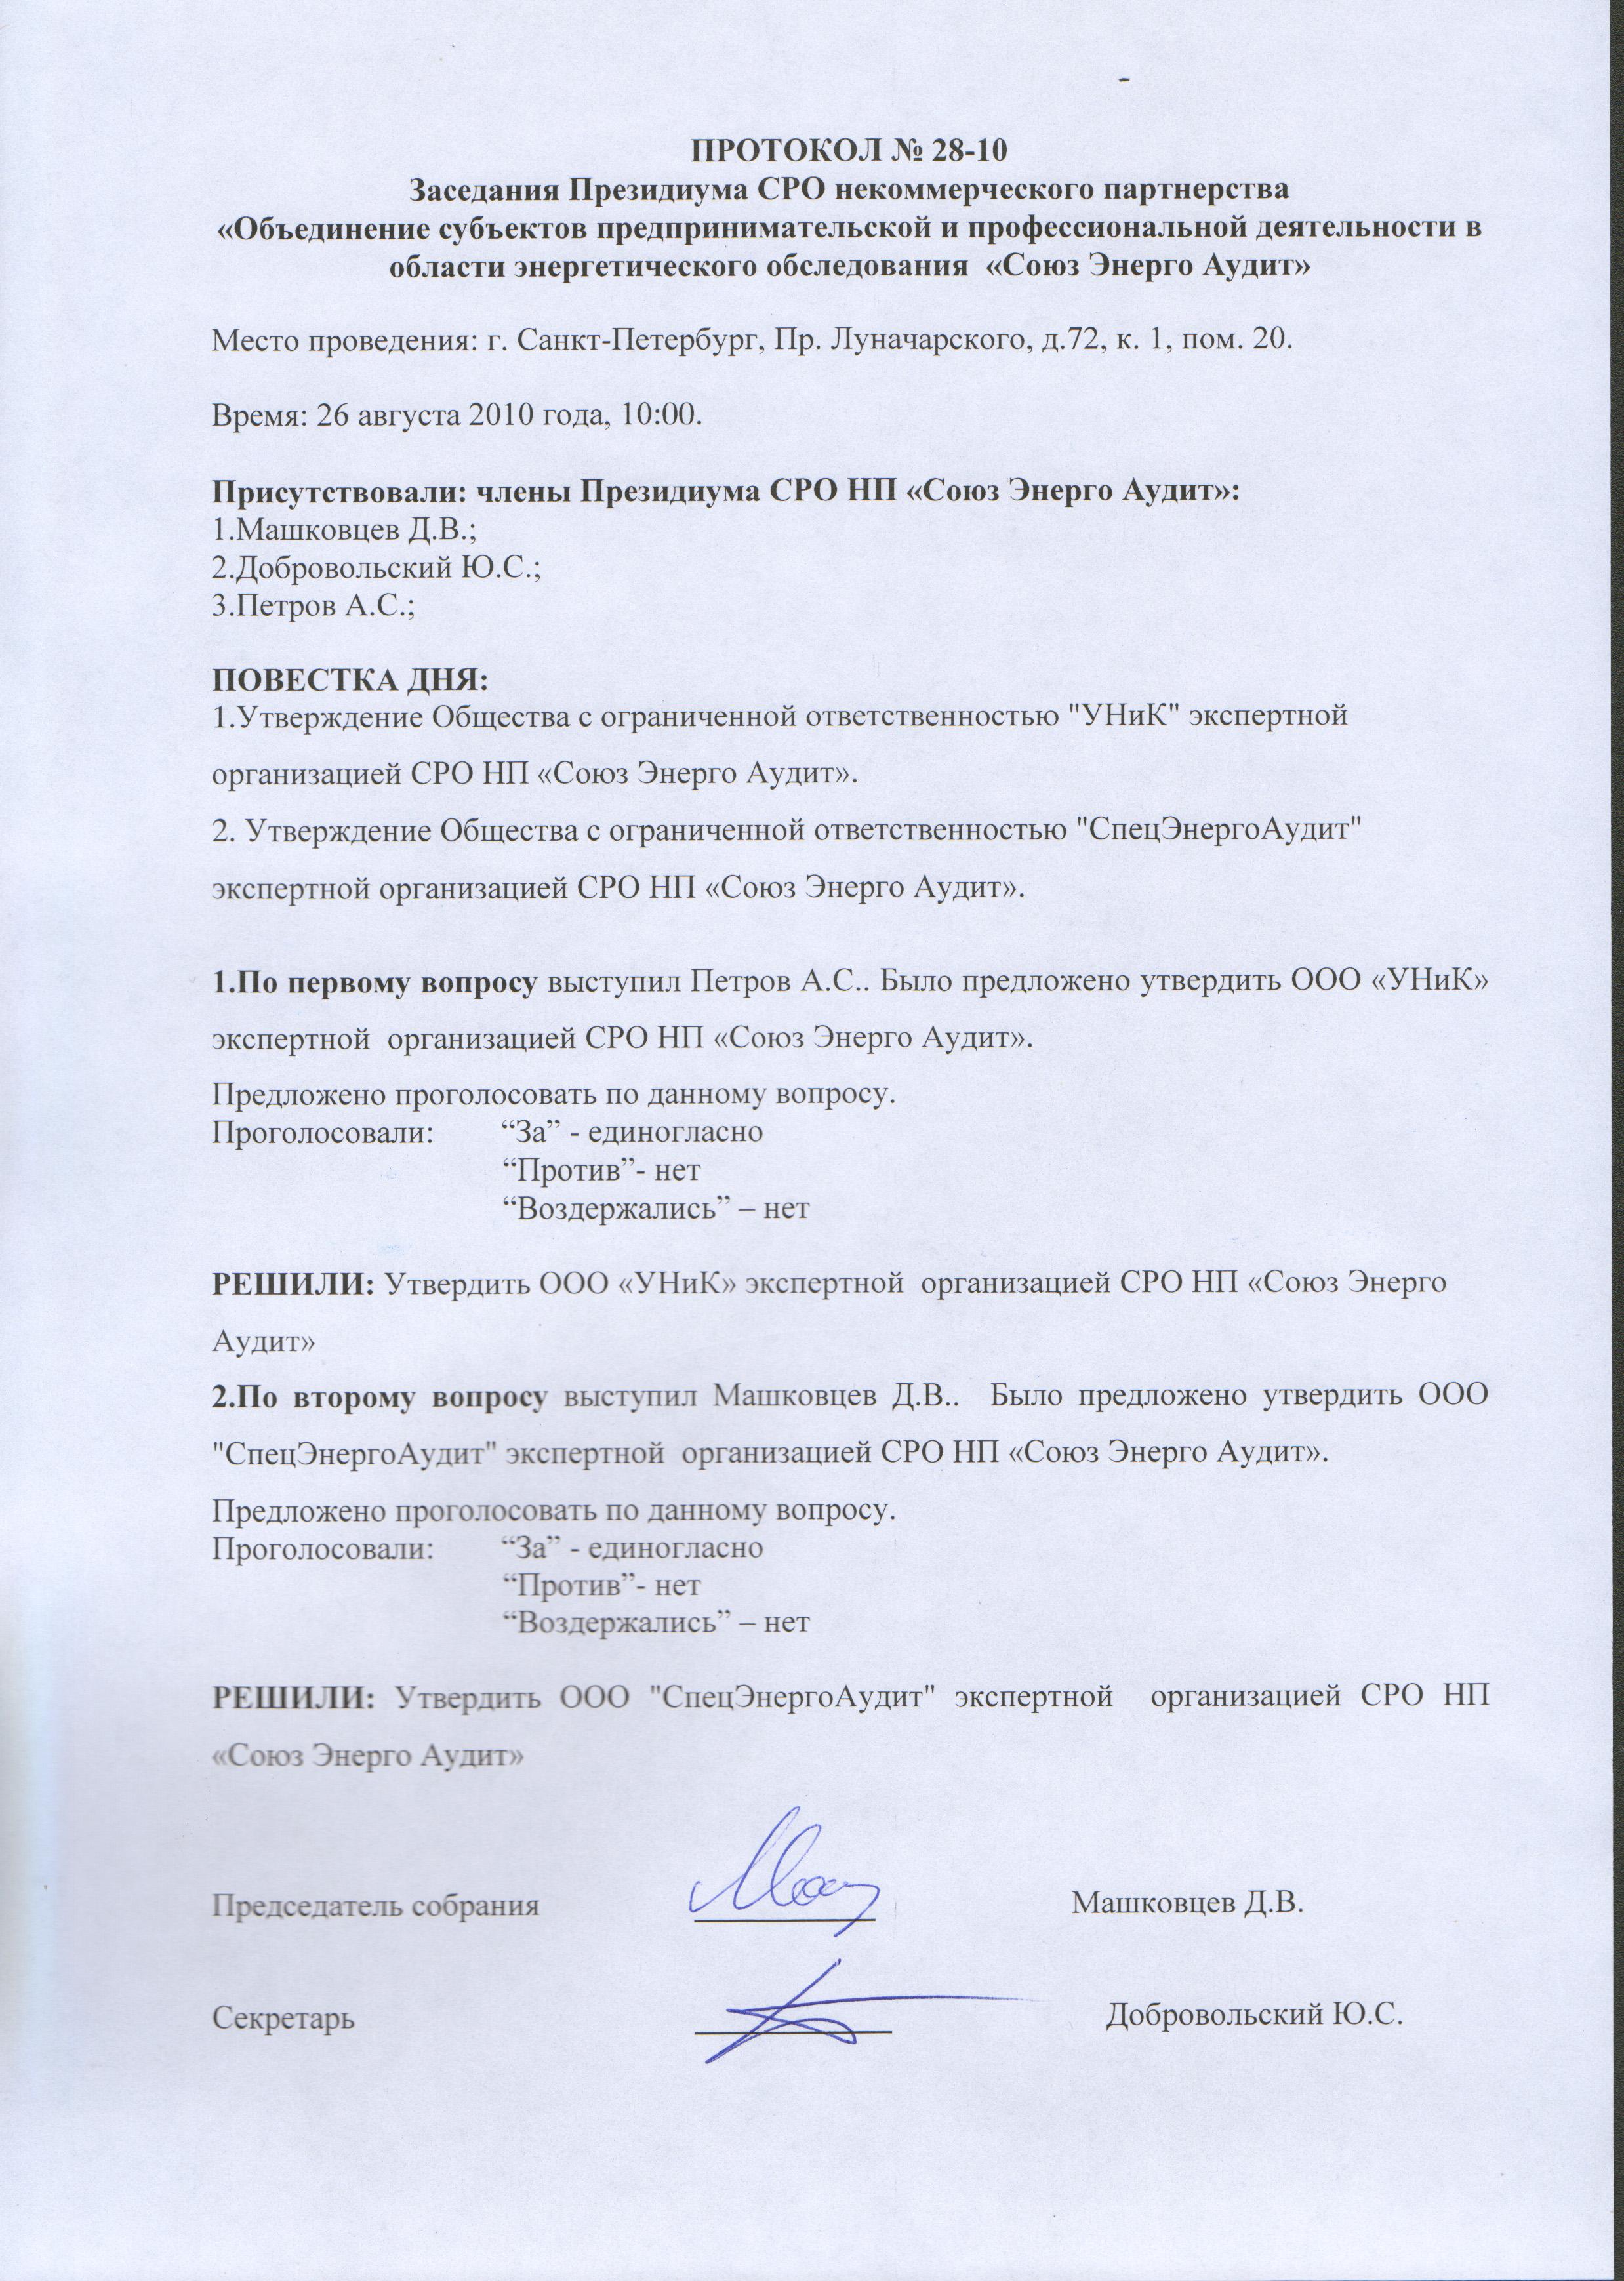 Письмо приглашение на проведение аудита